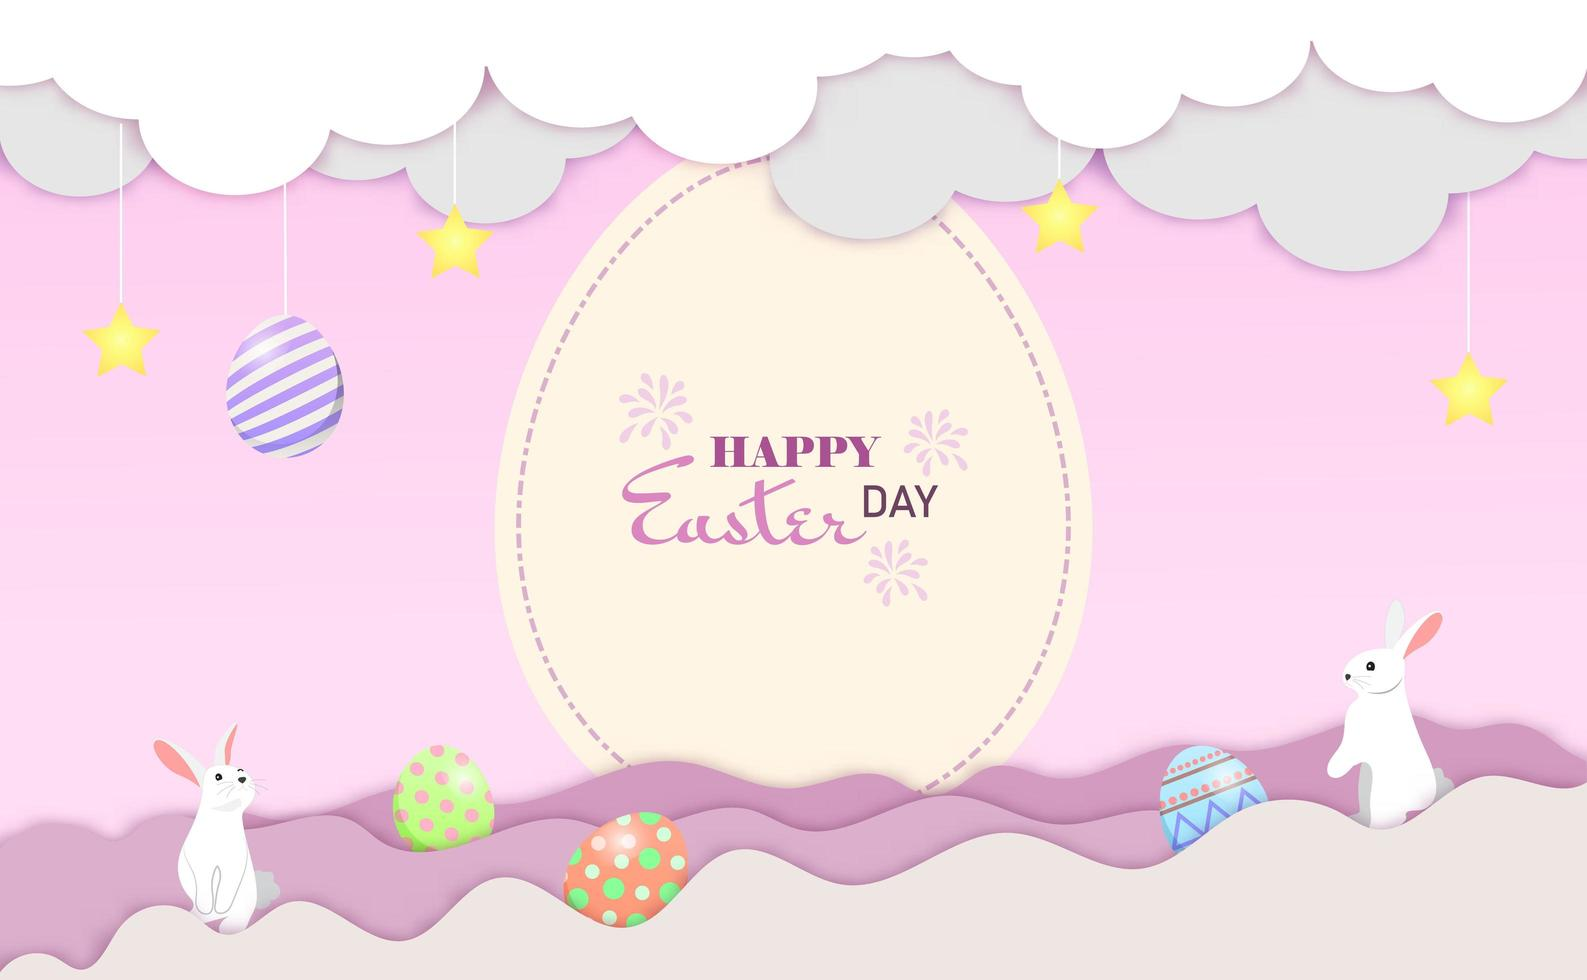 små kaniner hälsning för påskdag på moln. glad påsk vykort vektor. vektor